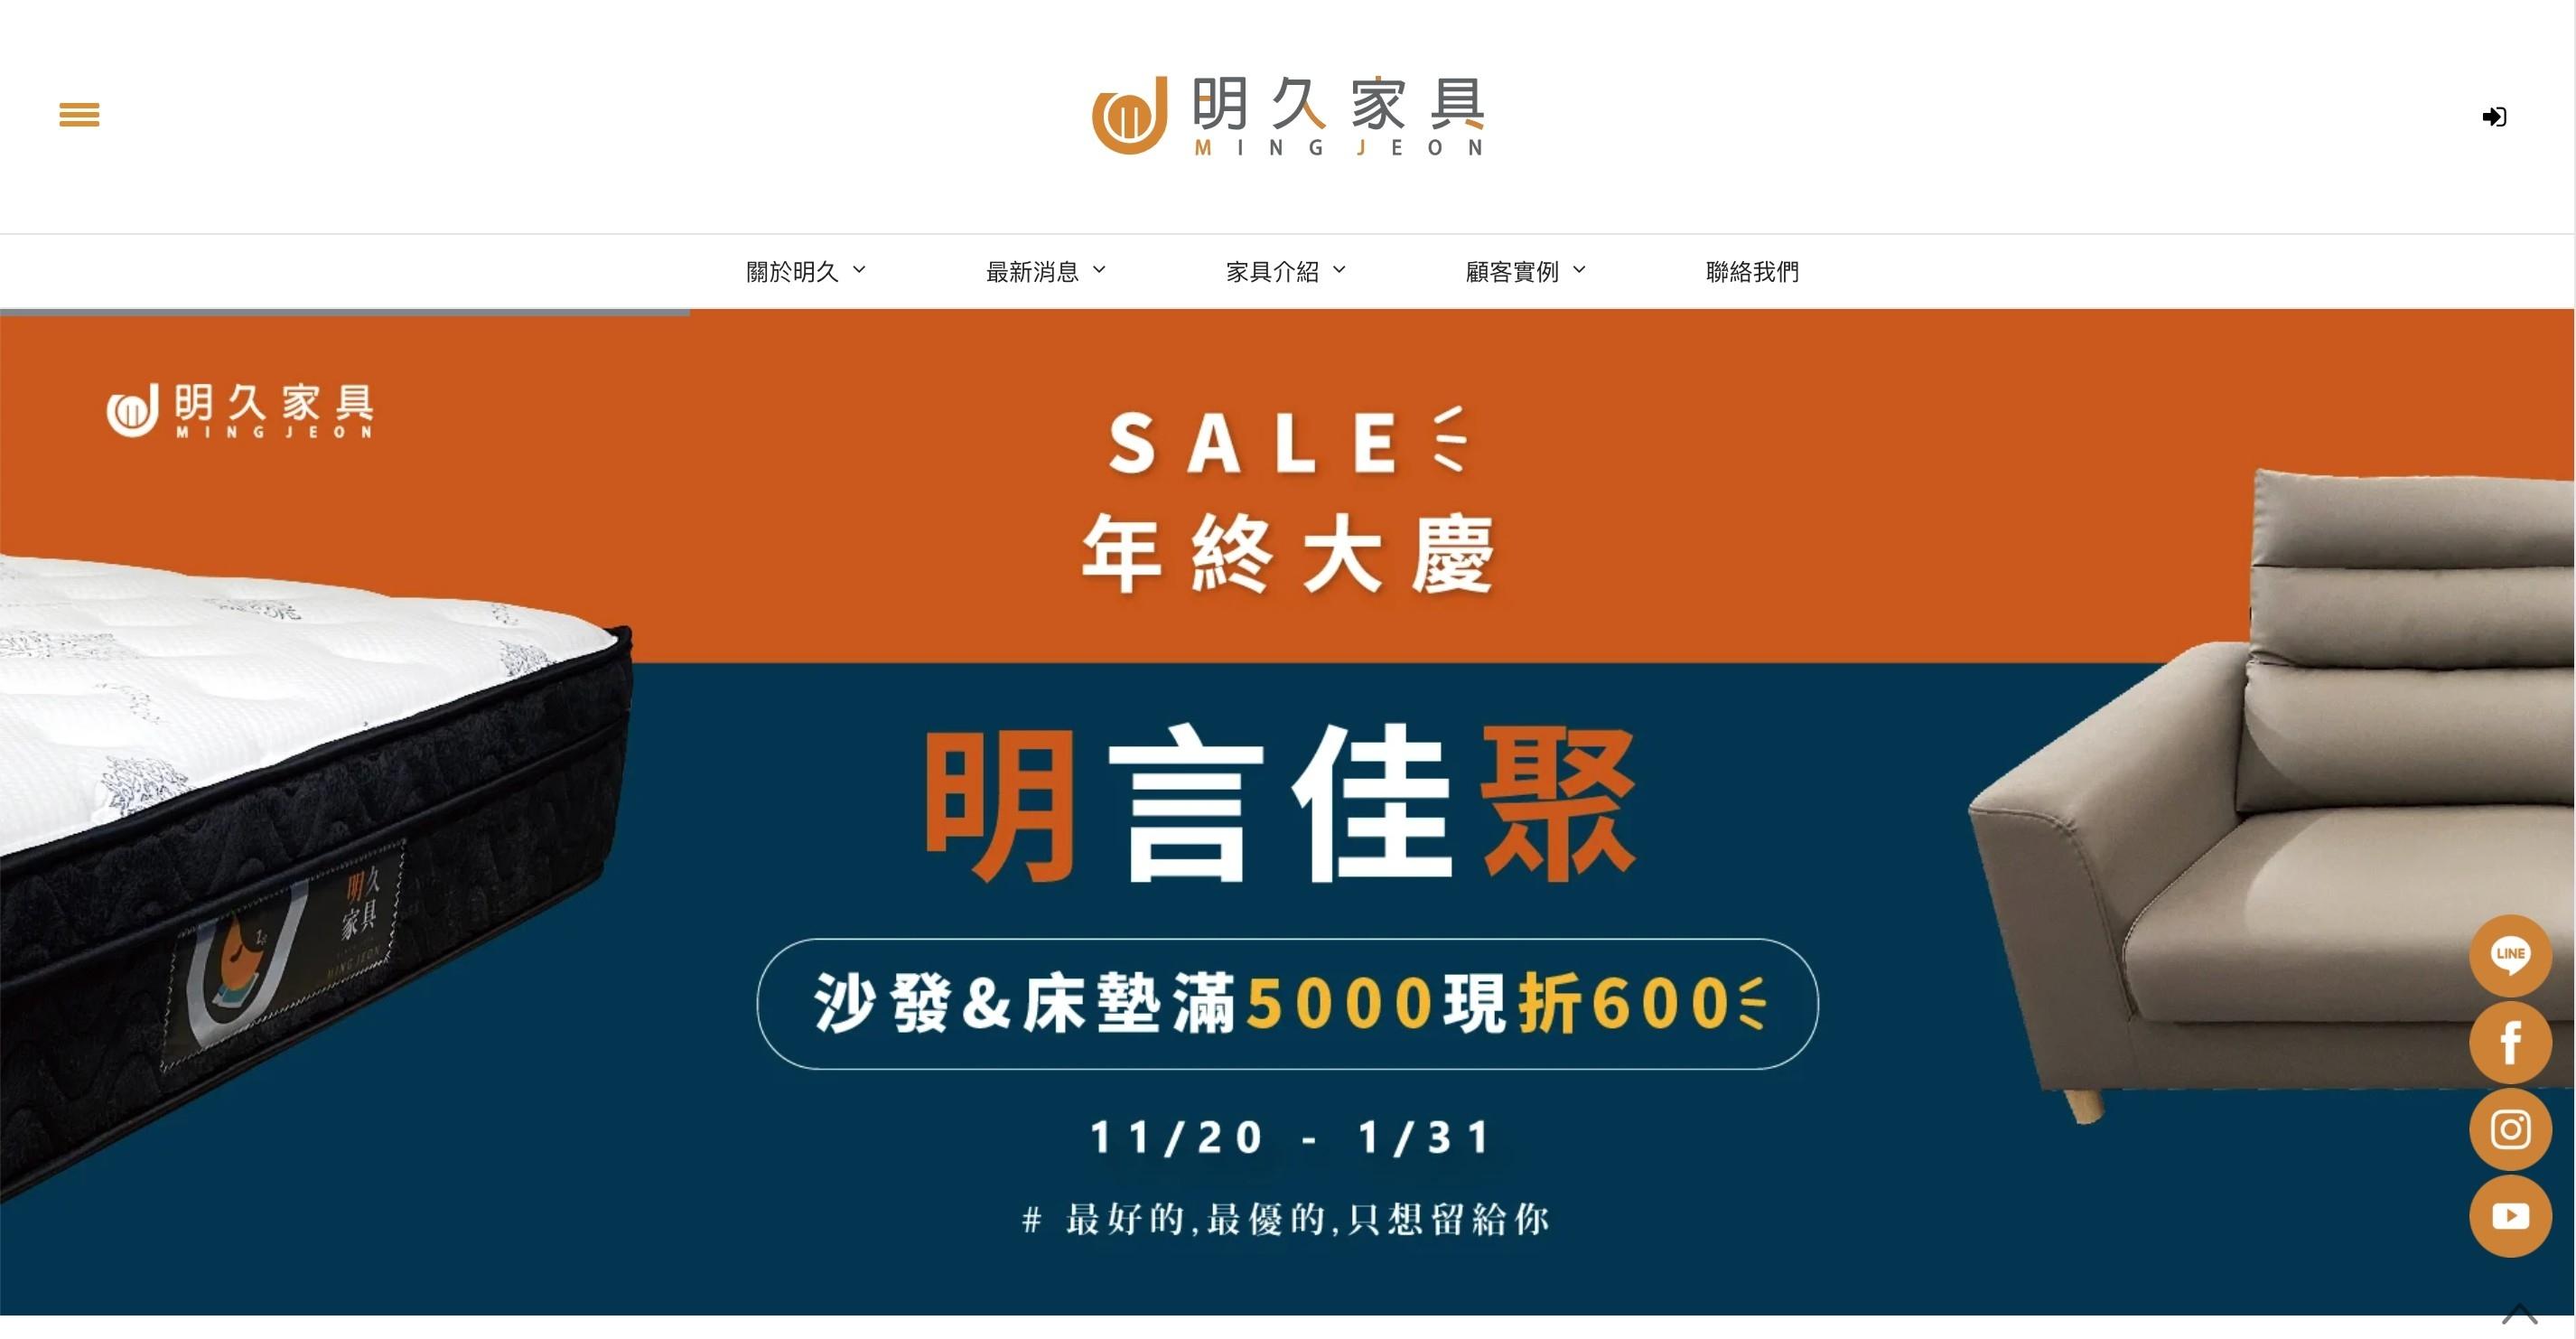 嘉義SEO優化網頁設計案例|明久家具嘉義沙發、床墊工廠推薦品牌